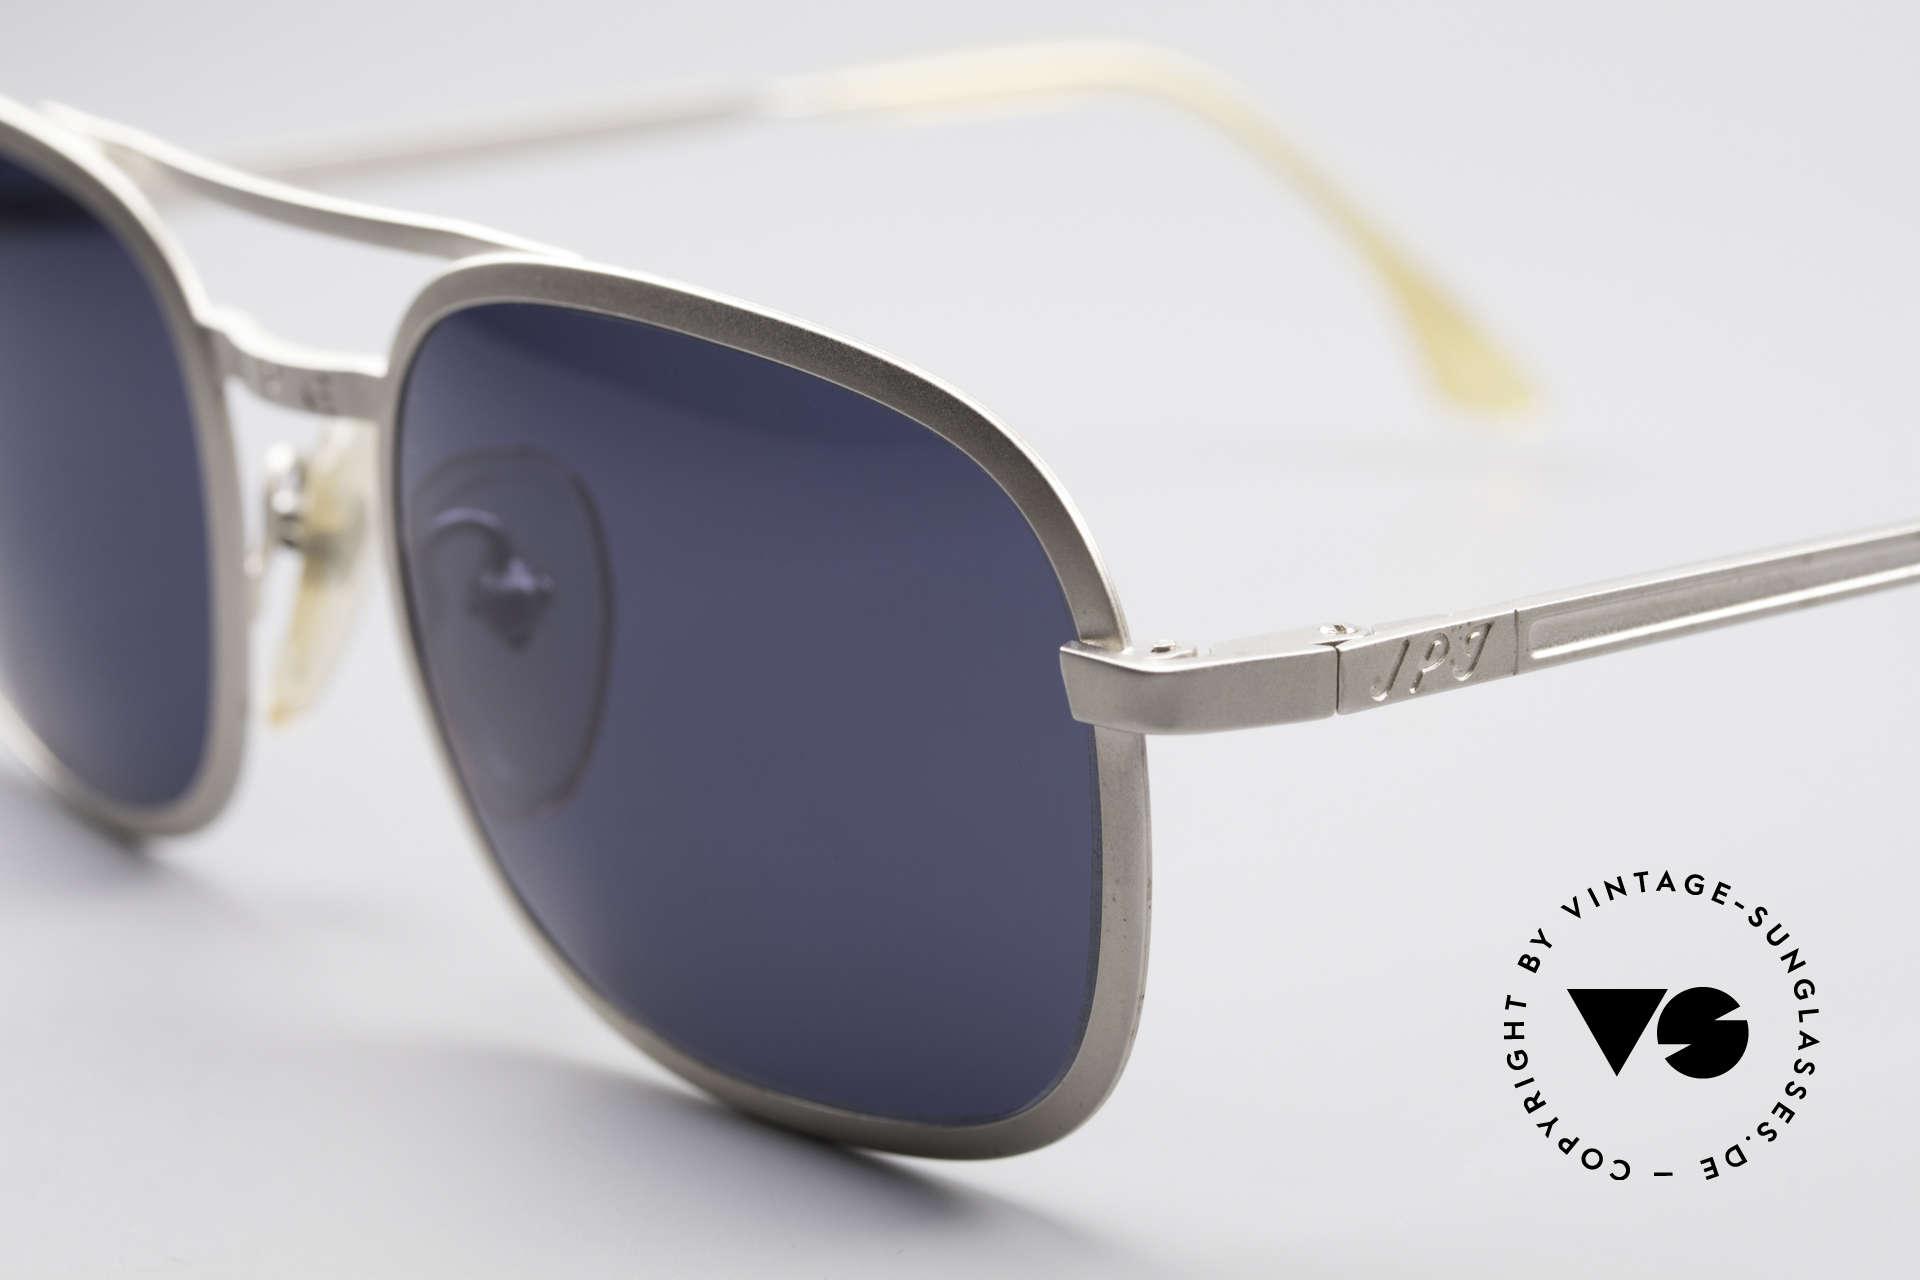 Jean Paul Gaultier 56-1172 Klassische 90er Sonnenbrille, matt-silberne Fassung und dunkelblaue Sonnengläser, Passend für Herren